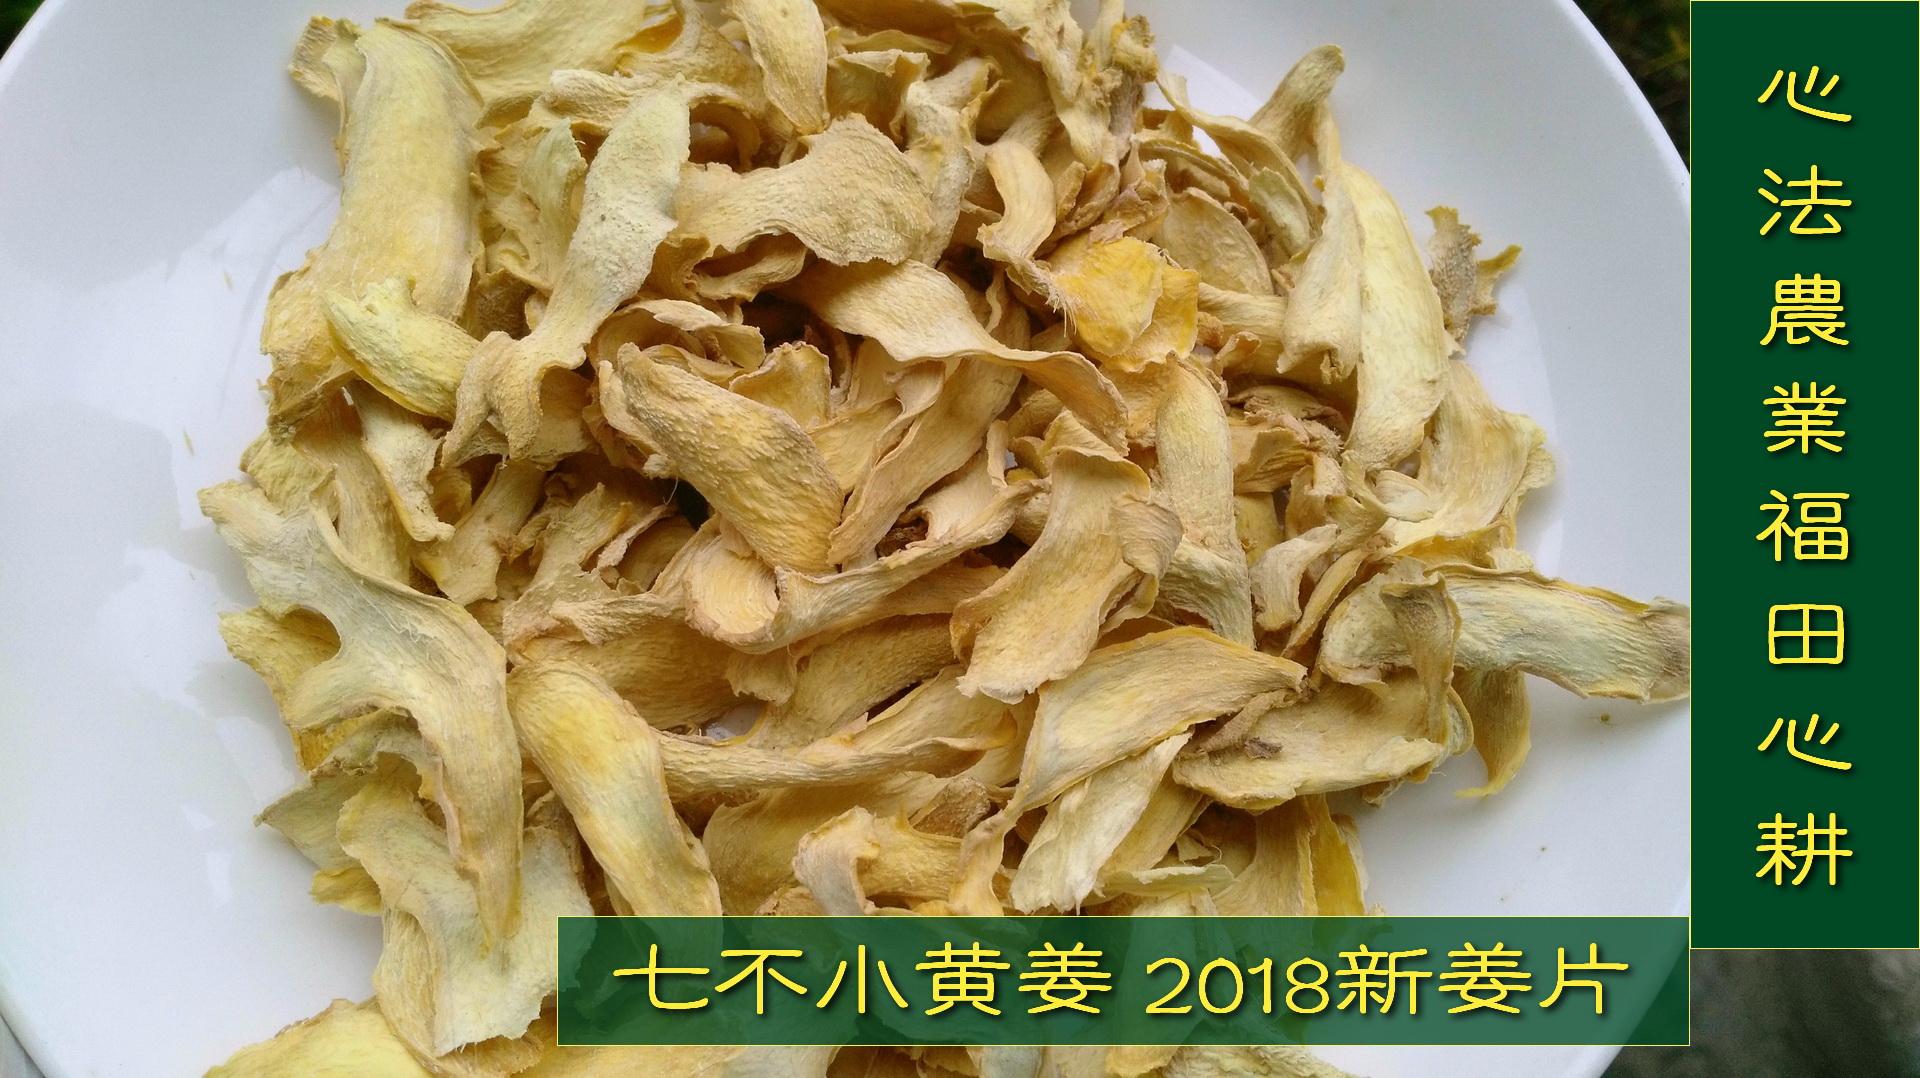 七不姜特价二折起特卖专区 各类姜产品特价处理 商品图3